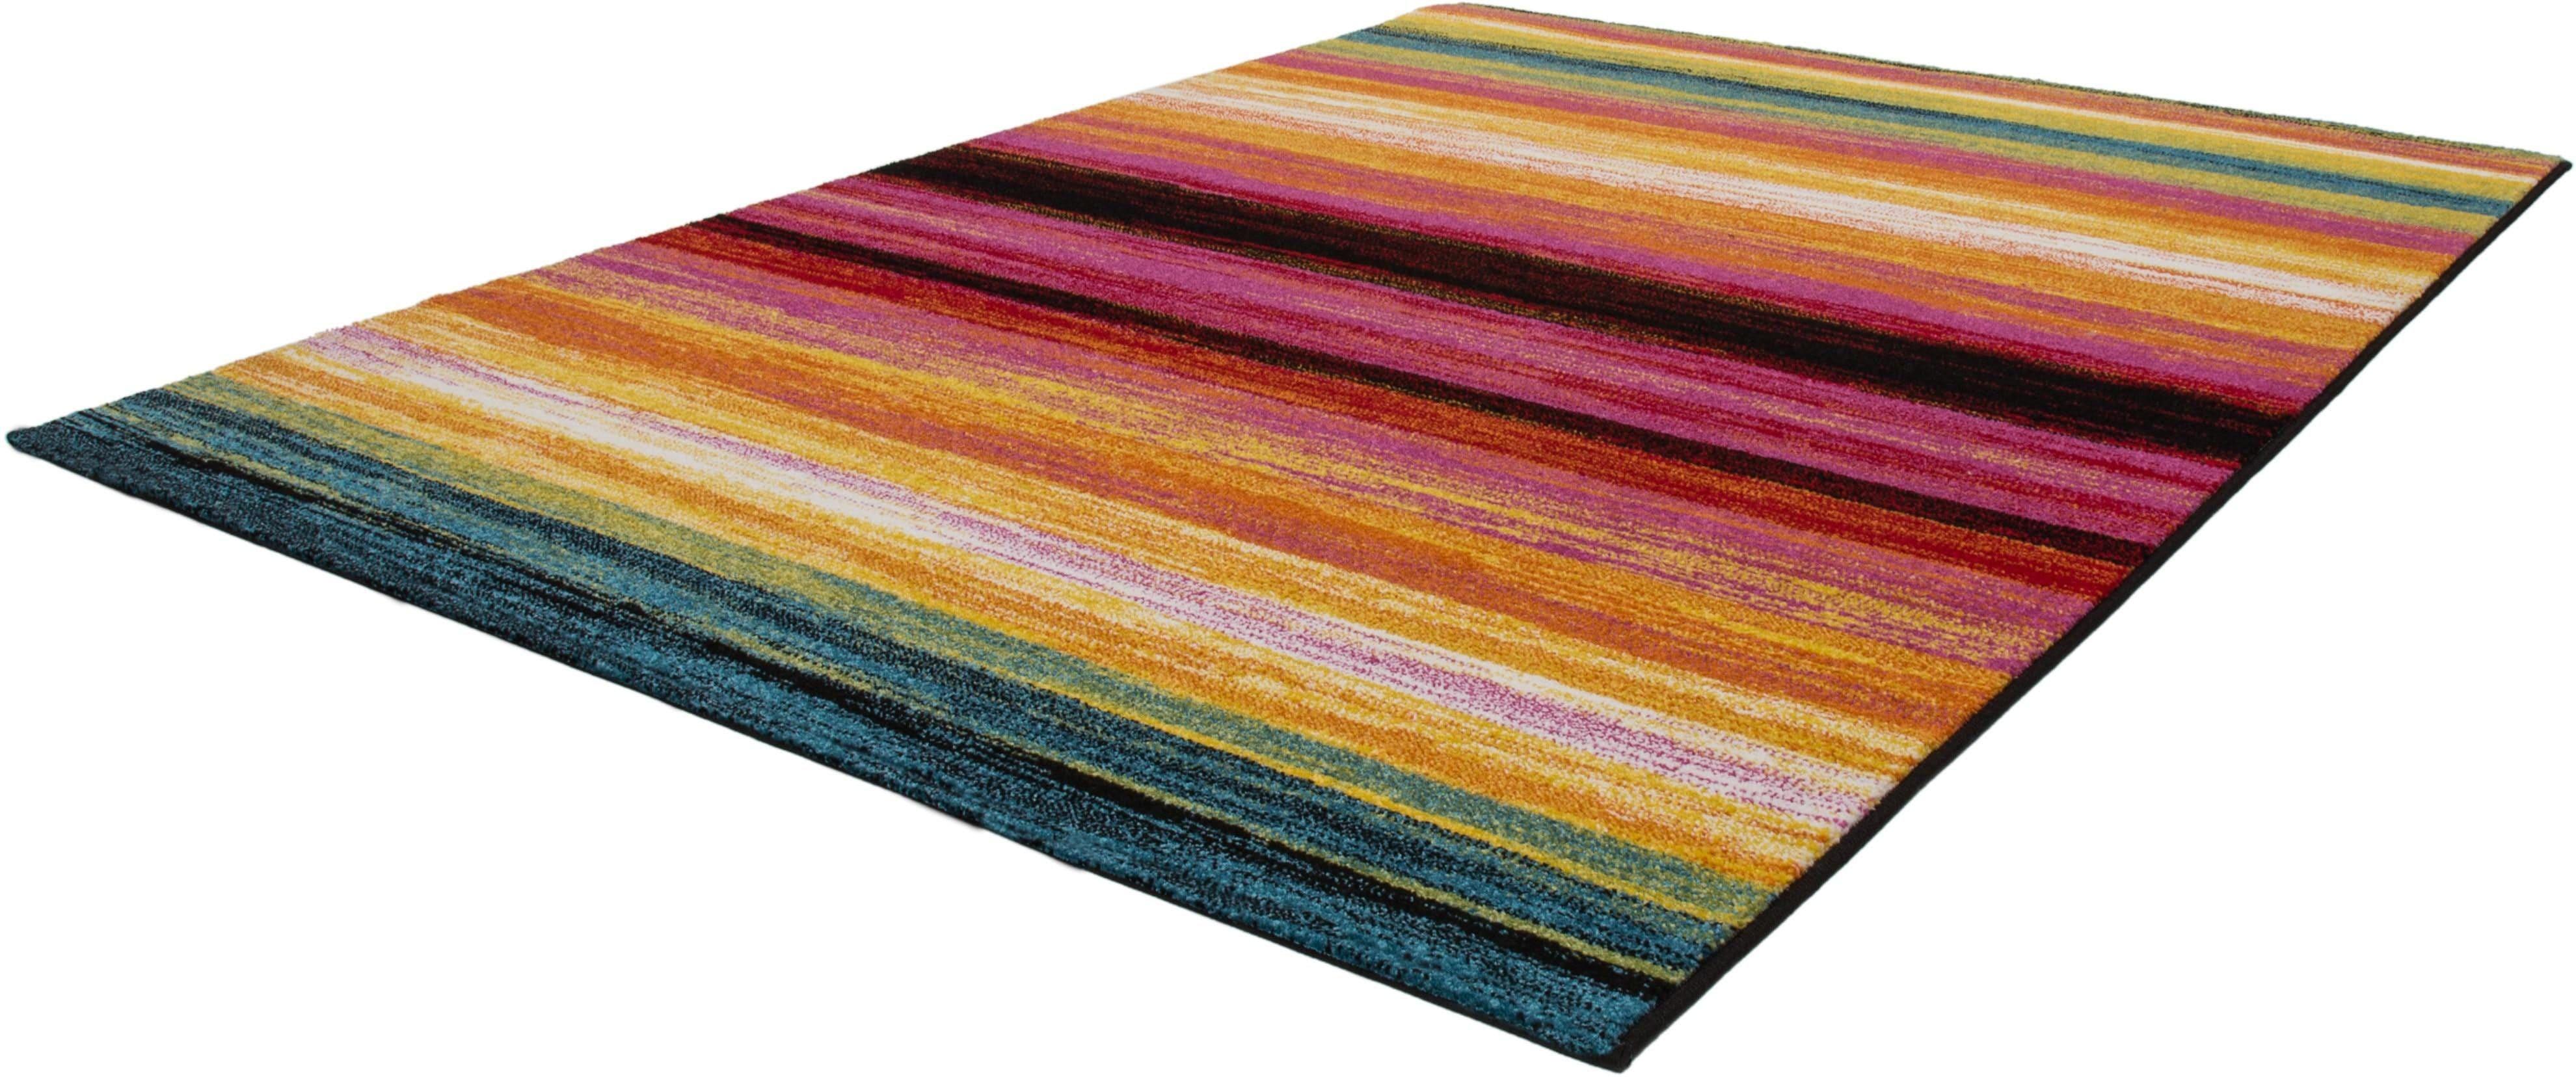 Teppich Guayama 265 Kayoom rechteckig Höhe 17 mm